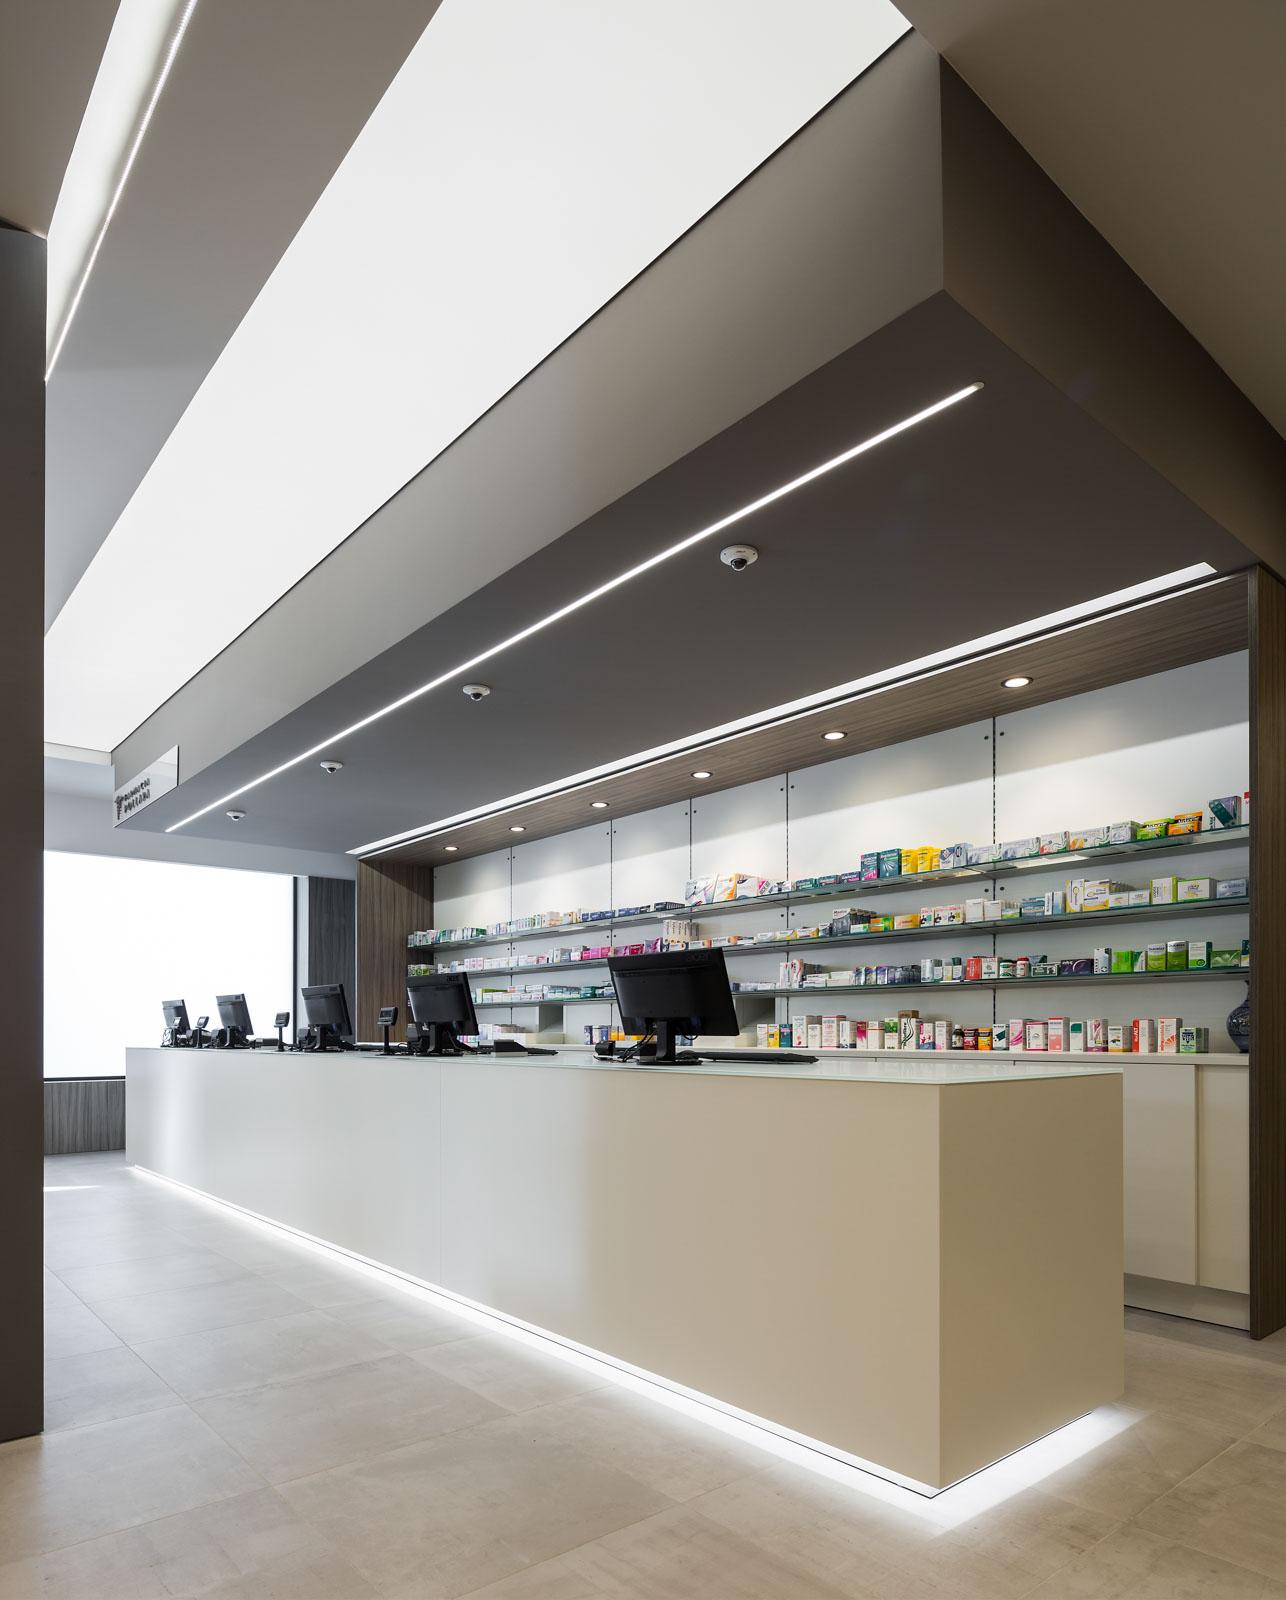 Farmacia pollara realizzazioni th kohl for Kohl arredamenti farmacie